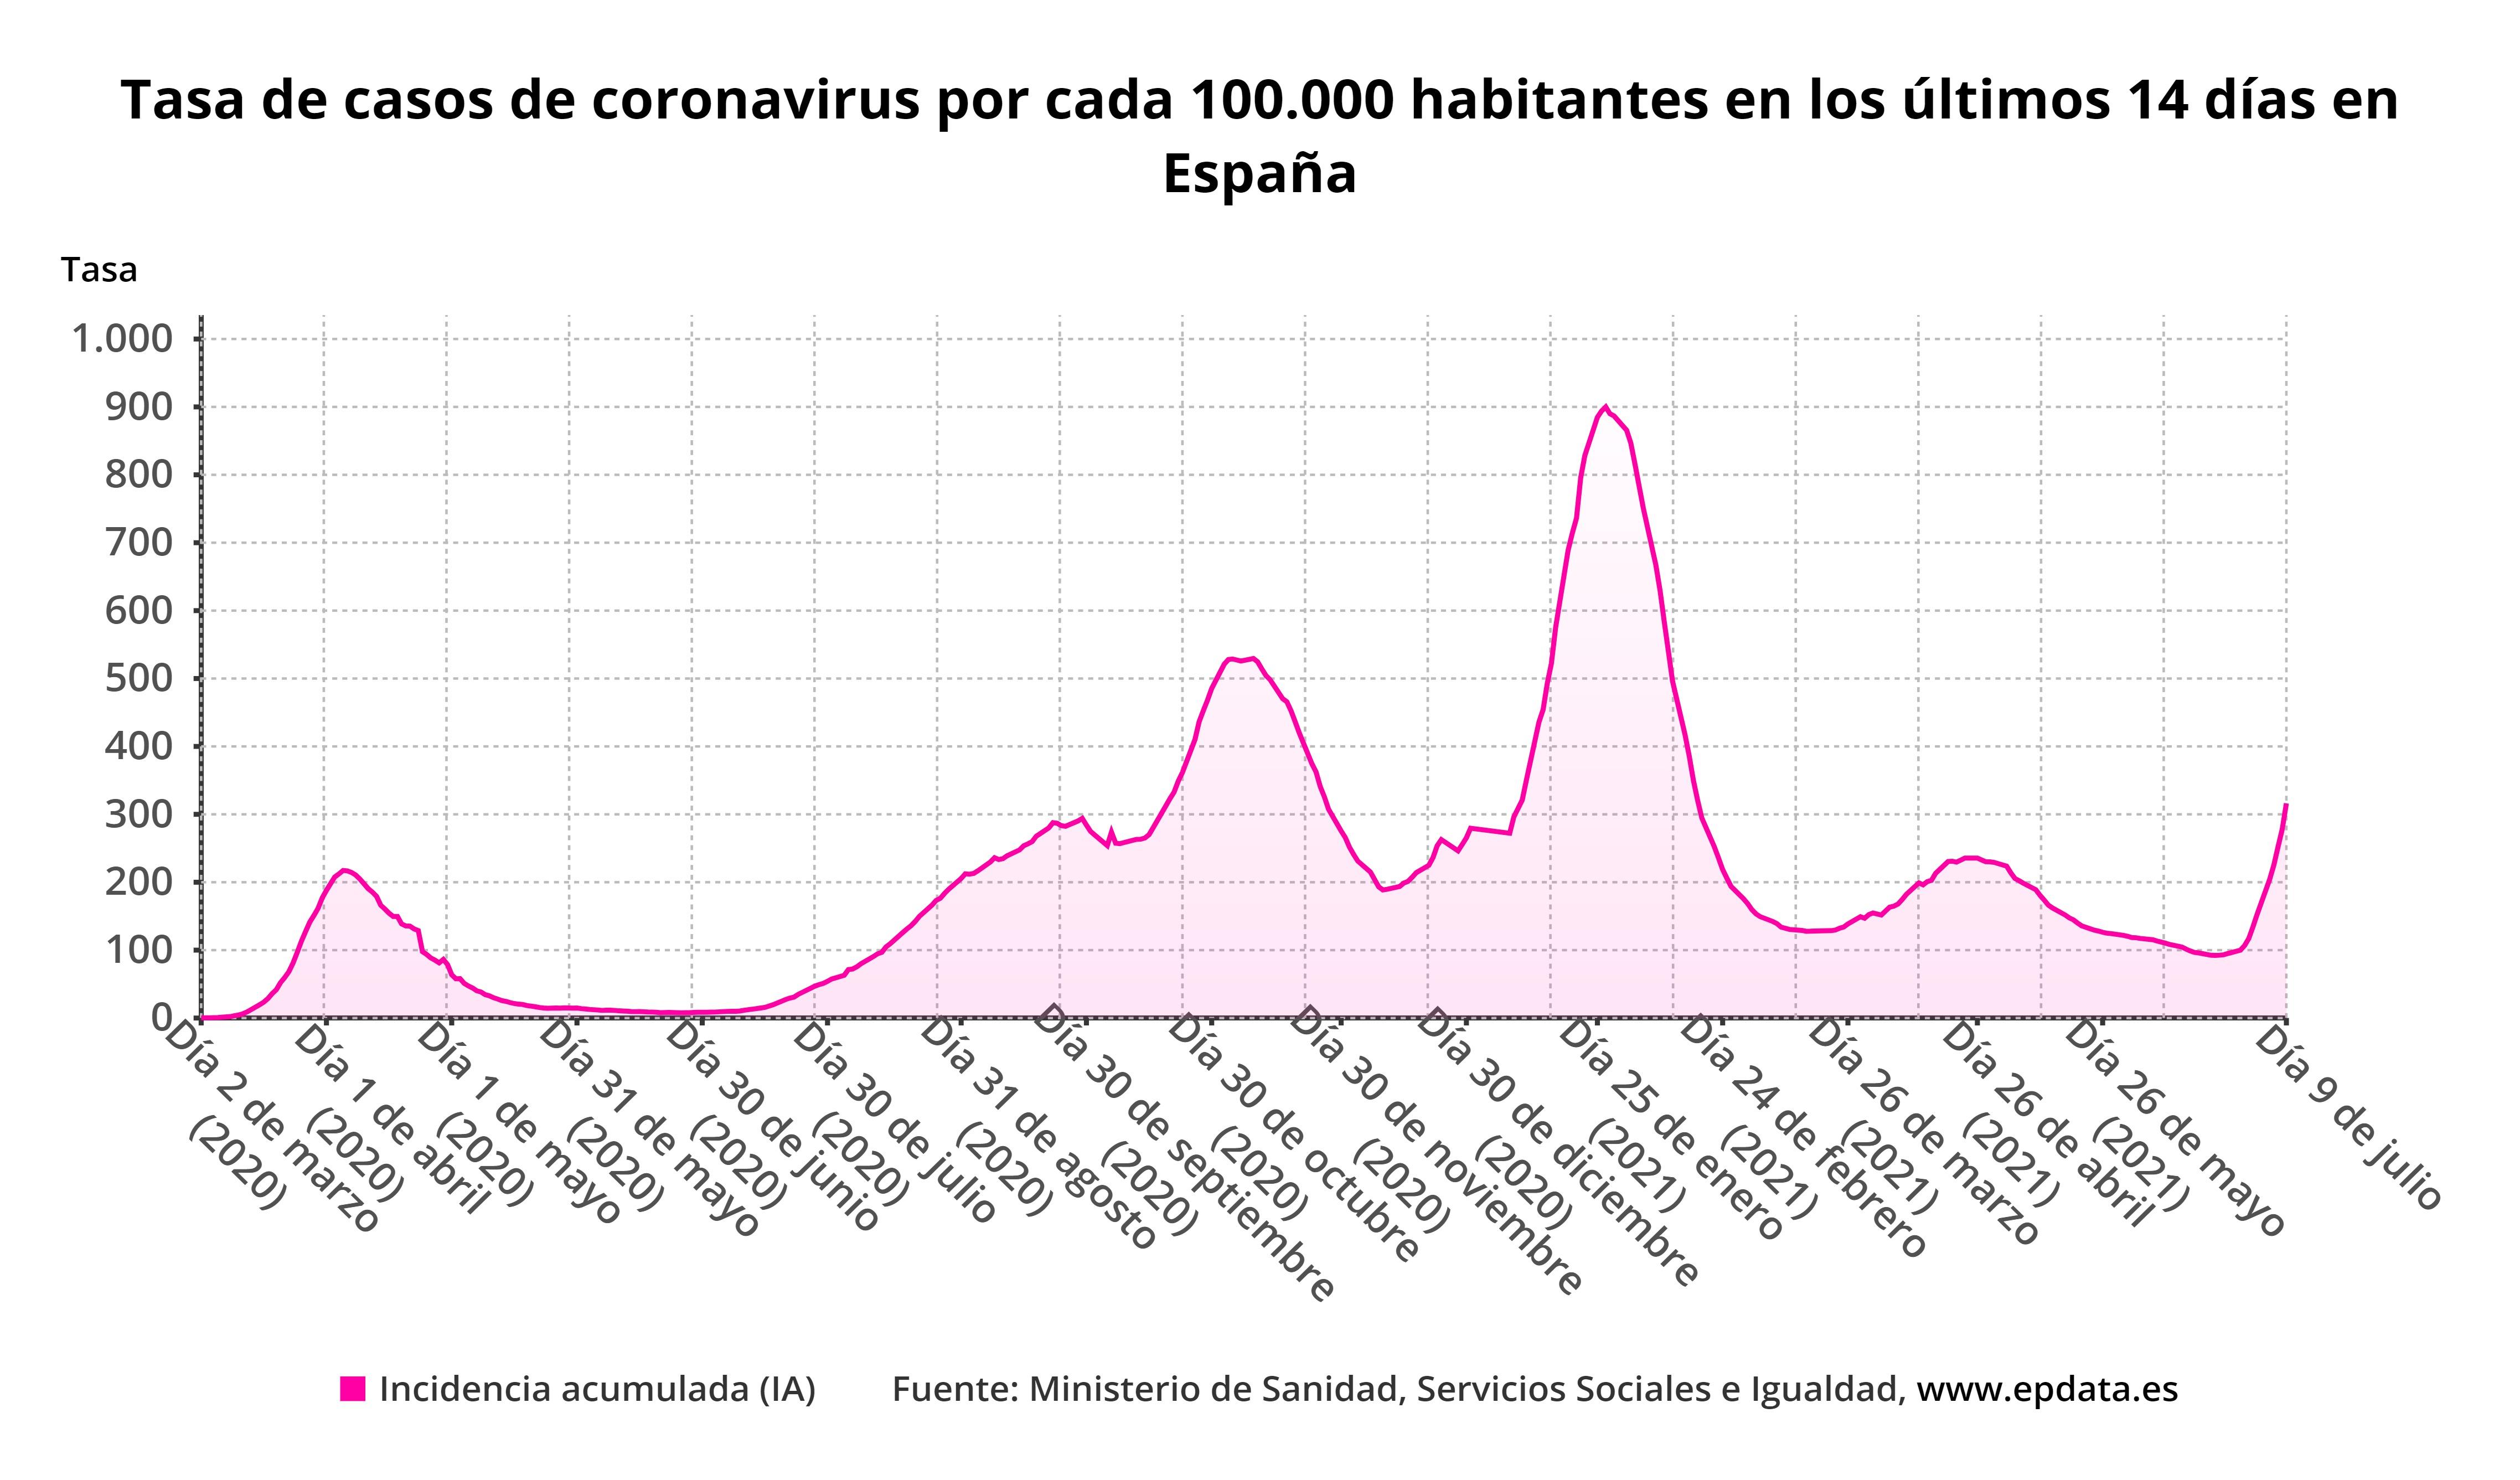 Tasa de incidencia de coronavirus a 14 días por cada 100.000 habitantes en España